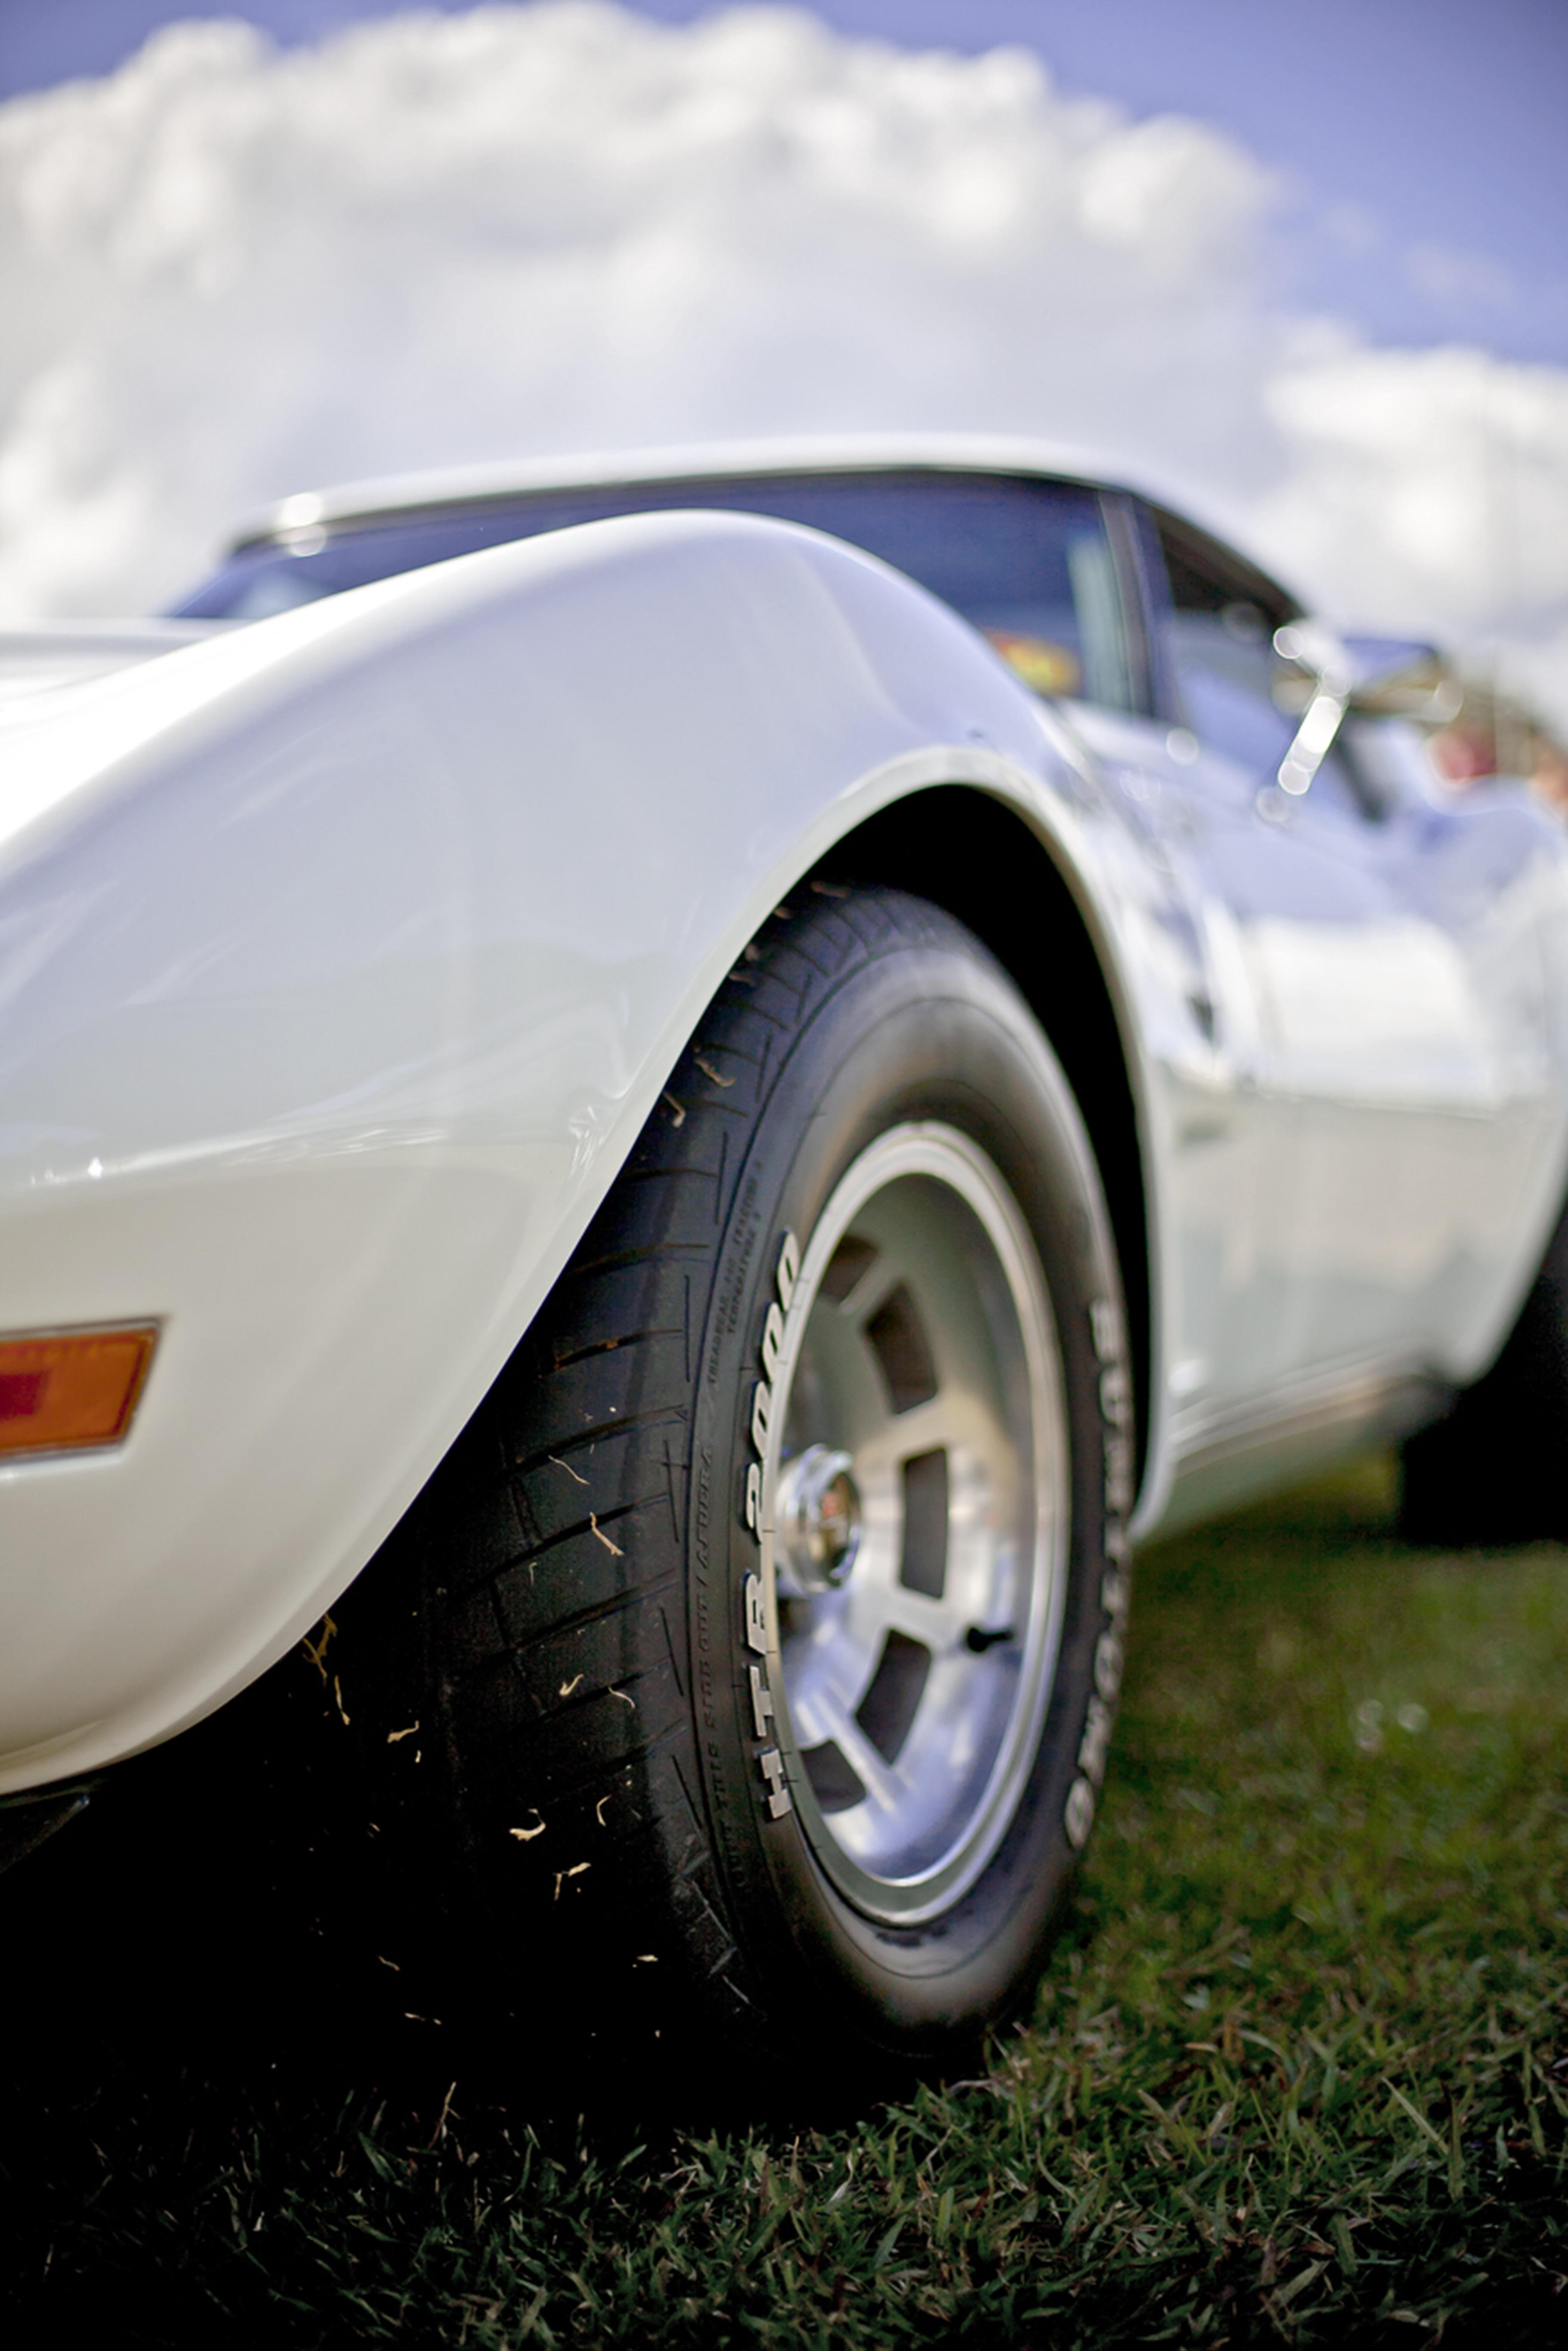 Classic Muscle Cars >> Fotos gratis : vendimia, rueda, vehículo, Coche clásico ...